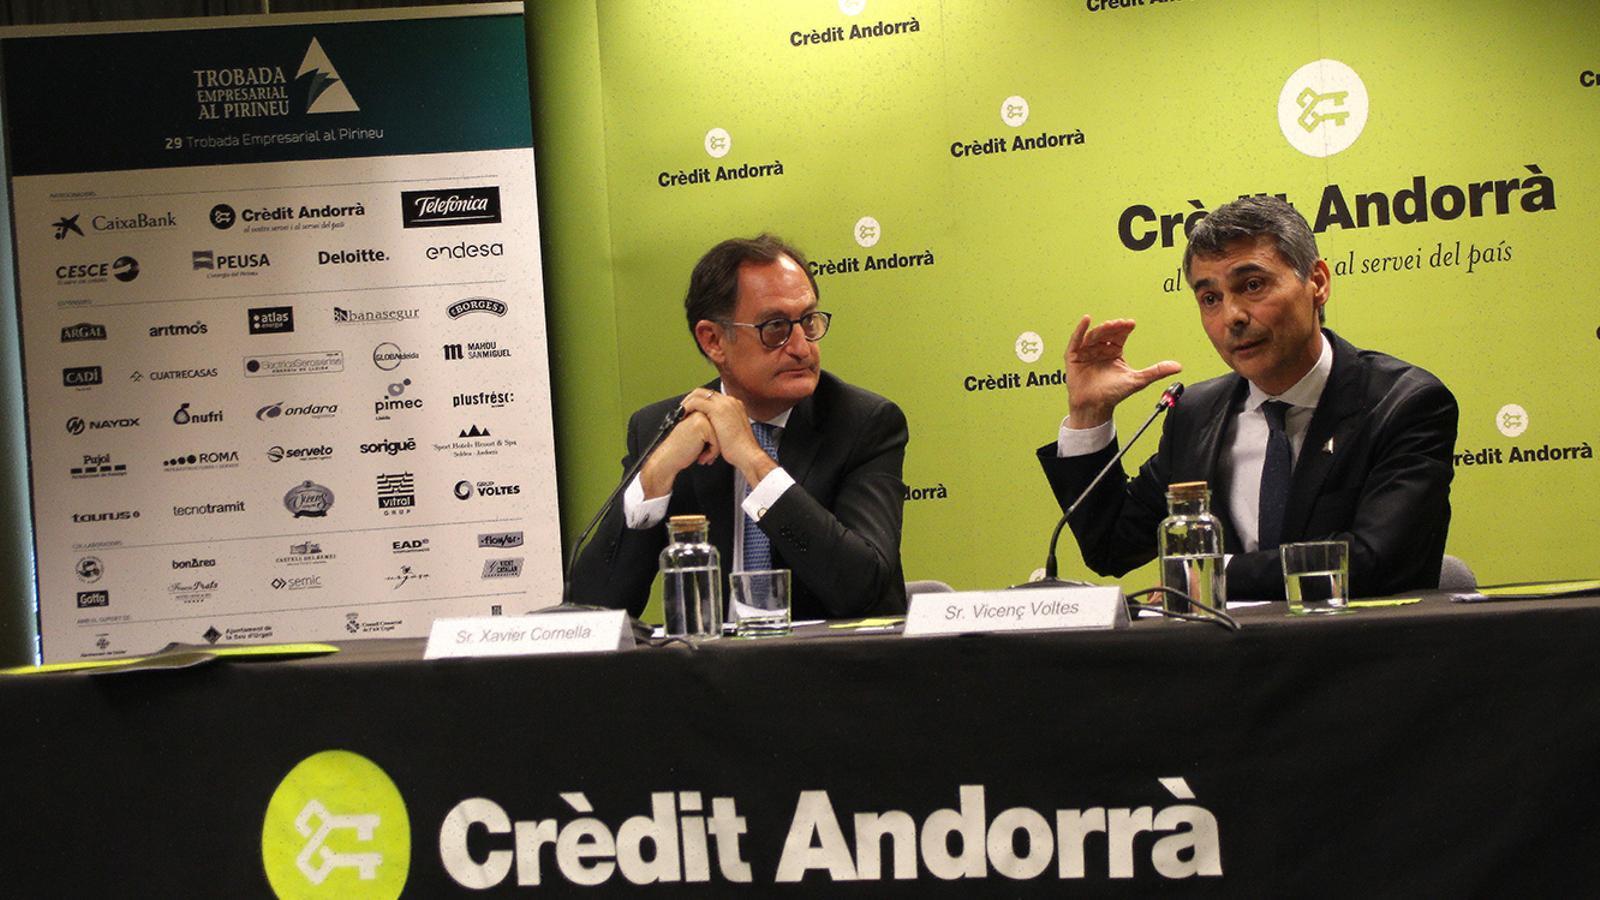 El conseller executiu i director general de Crèdit Andorrà, Xavier Cornella, i el president de la Trobada Empresarial al Pirineu, Vicenç Voltes, en la roda de premsa de presentació de la cita. / M. F. (ANA)